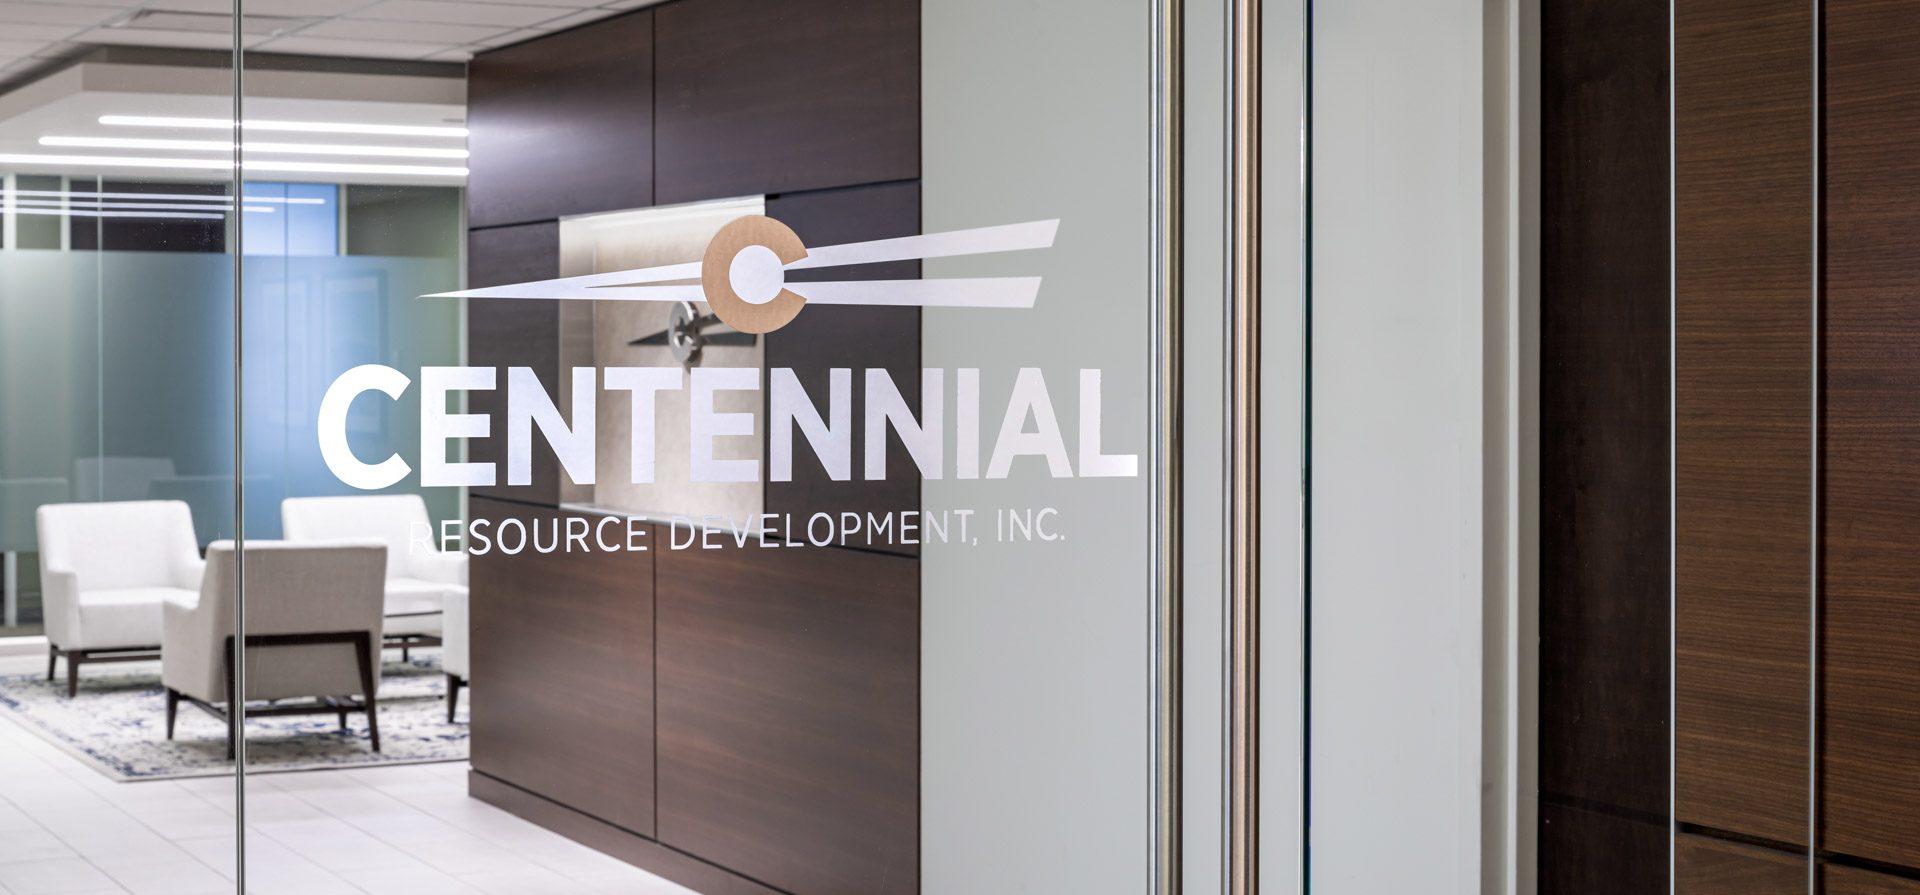 Centennial Resource Development